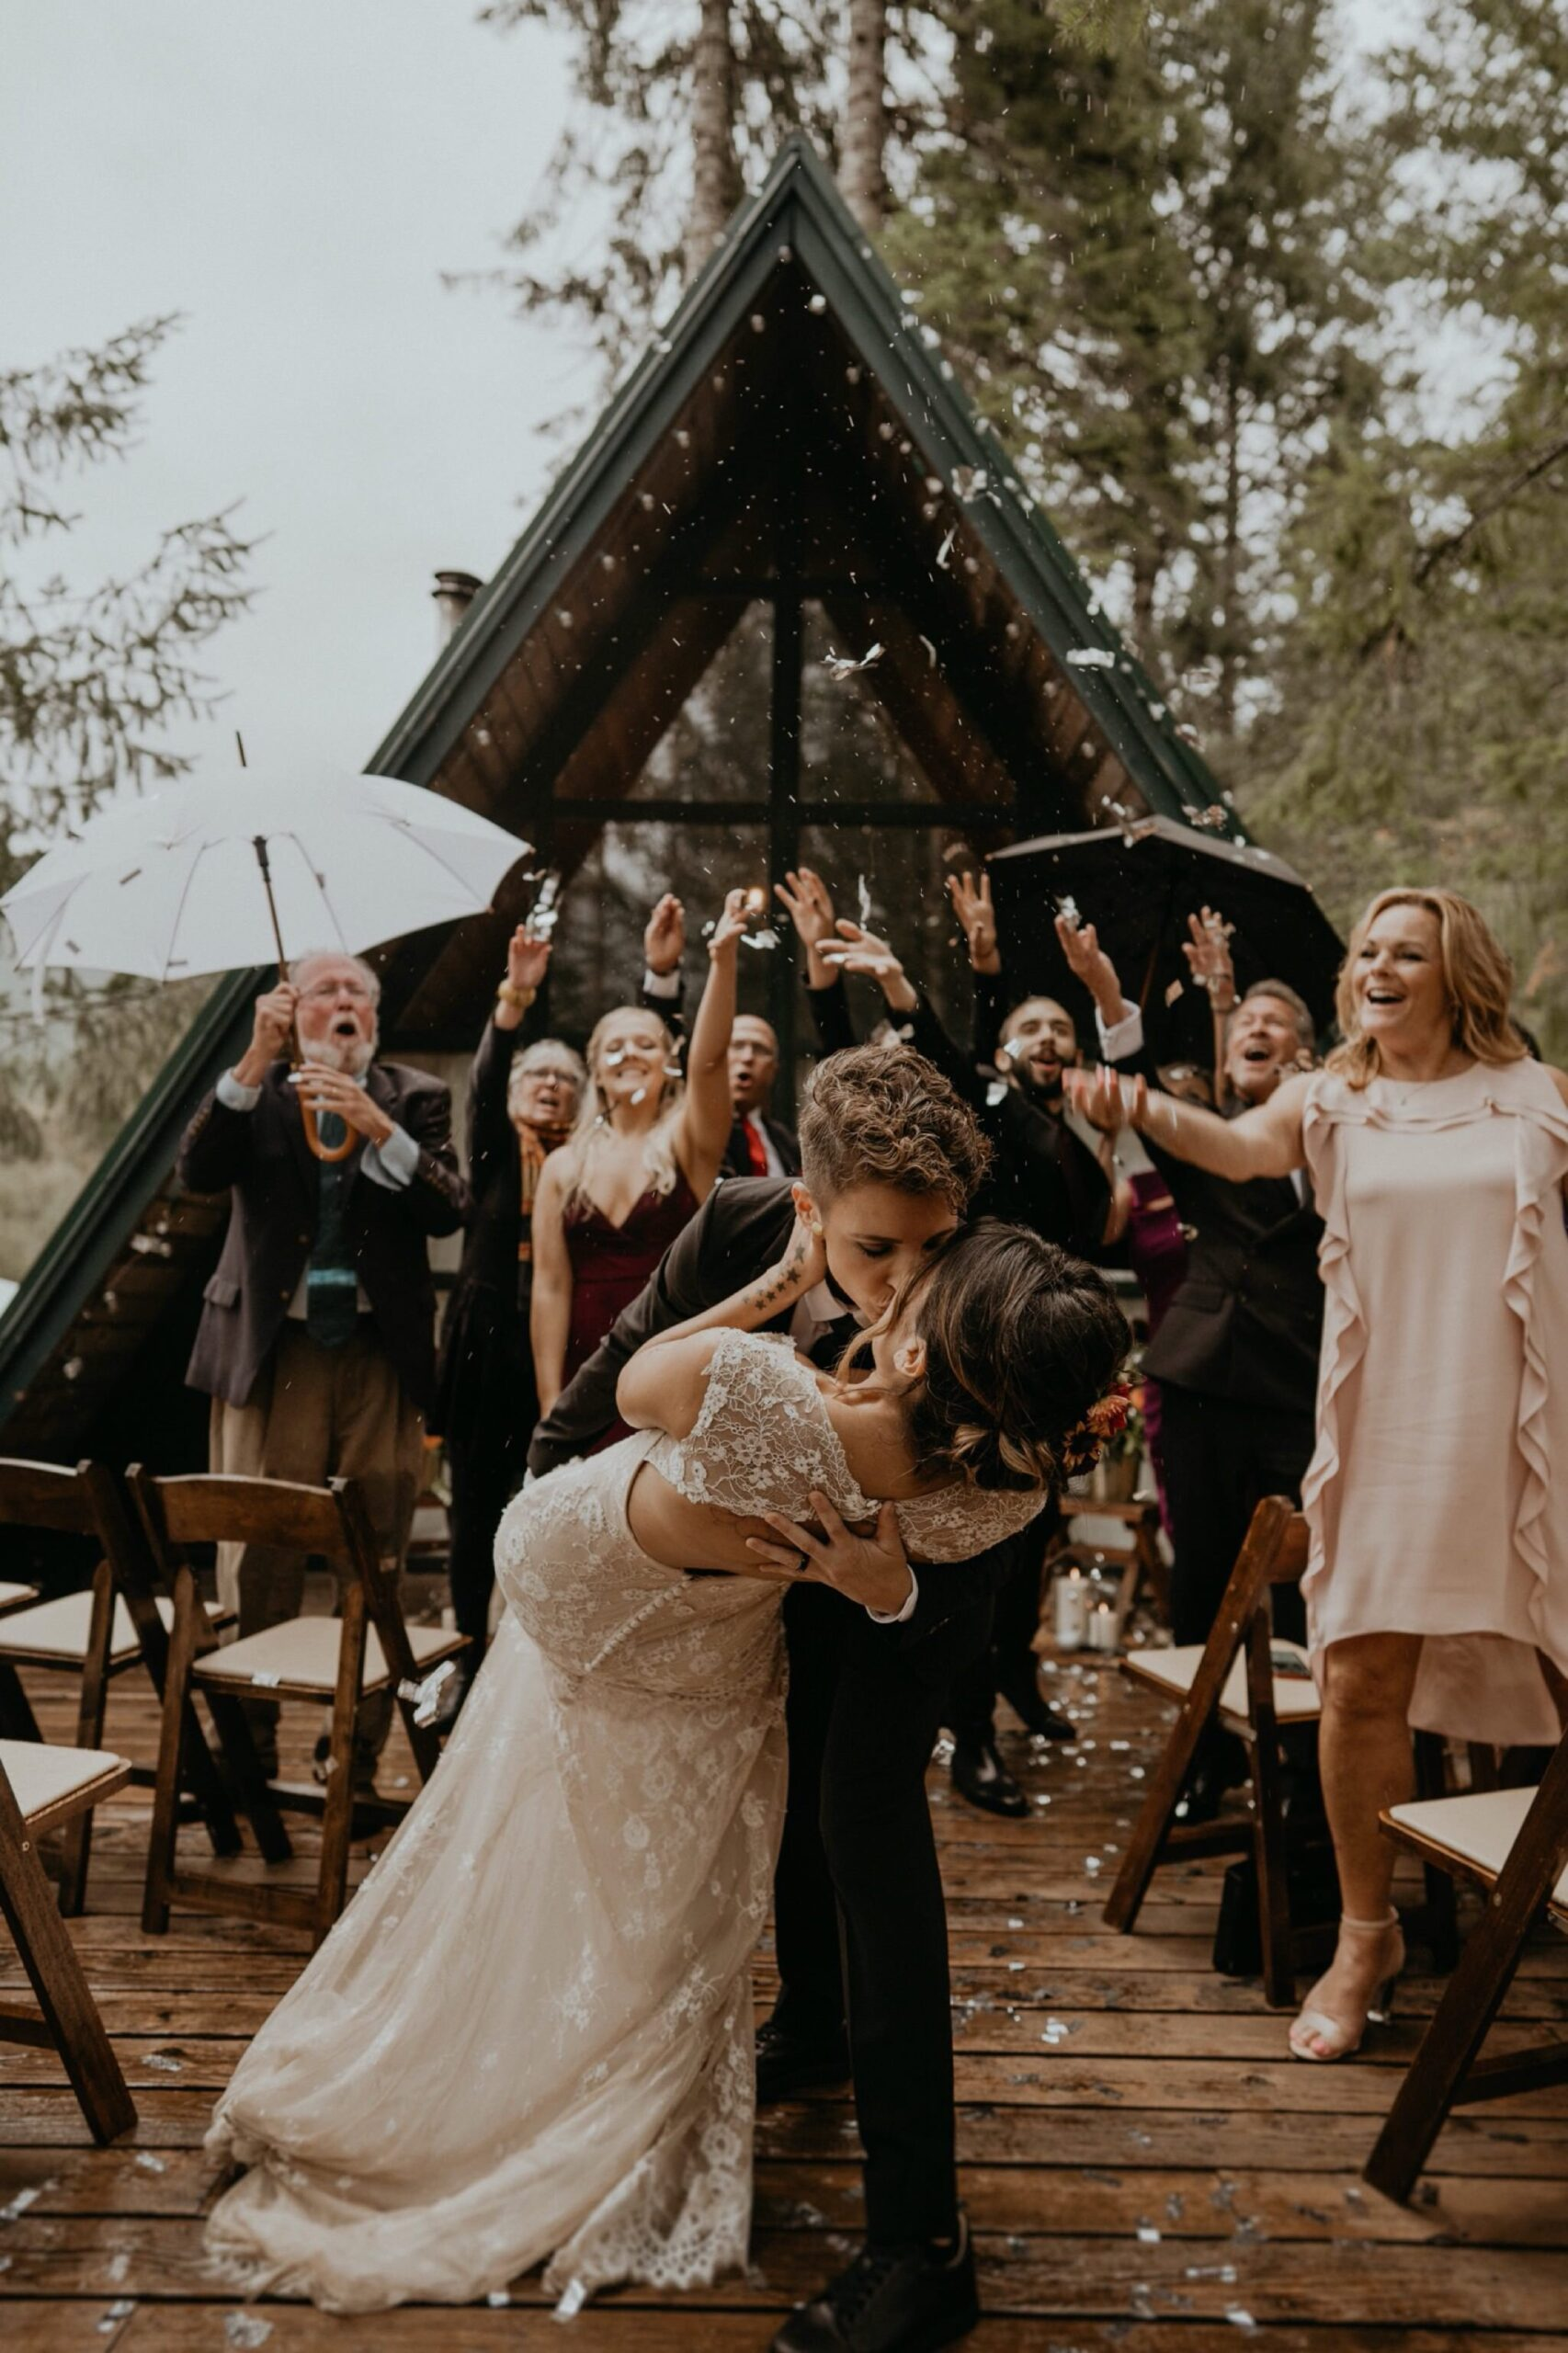 Ceremonie op een meerdaagse bruiloft